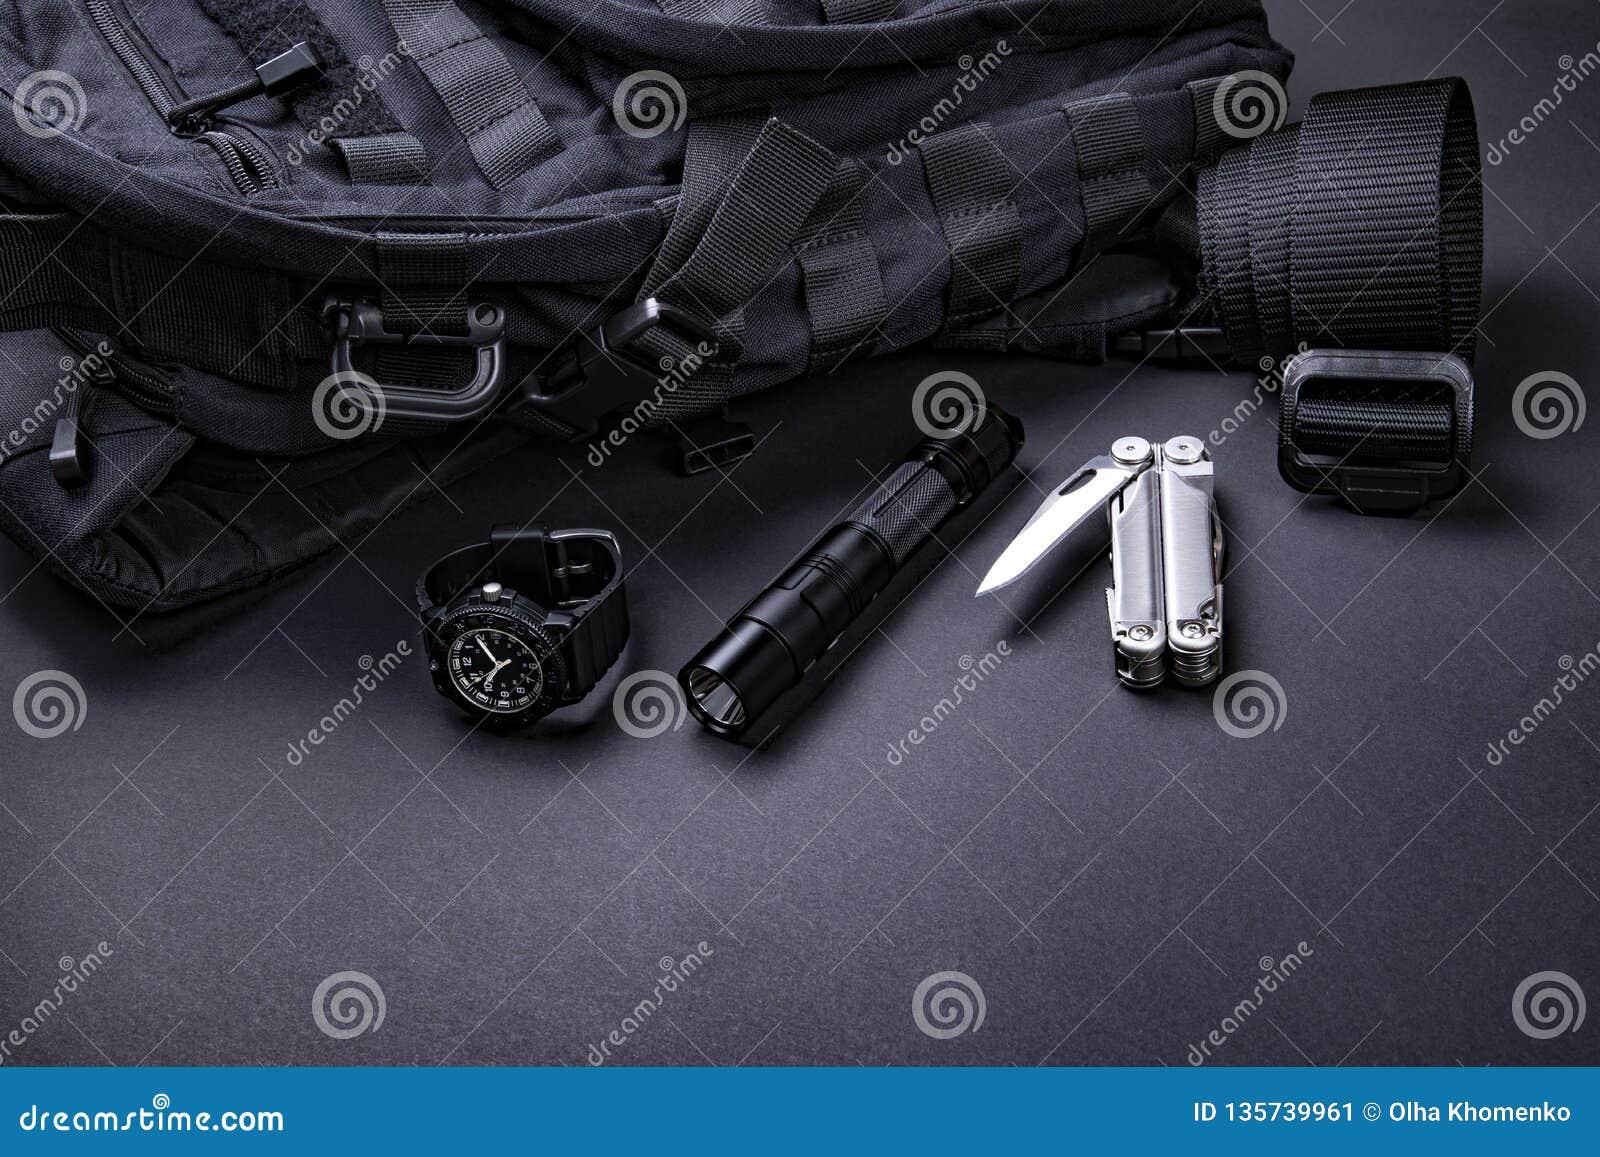 Diario lleve los artículos del EDC para los hombres en color negro - mochila, correa táctica, linterna, reloj y herramienta multi